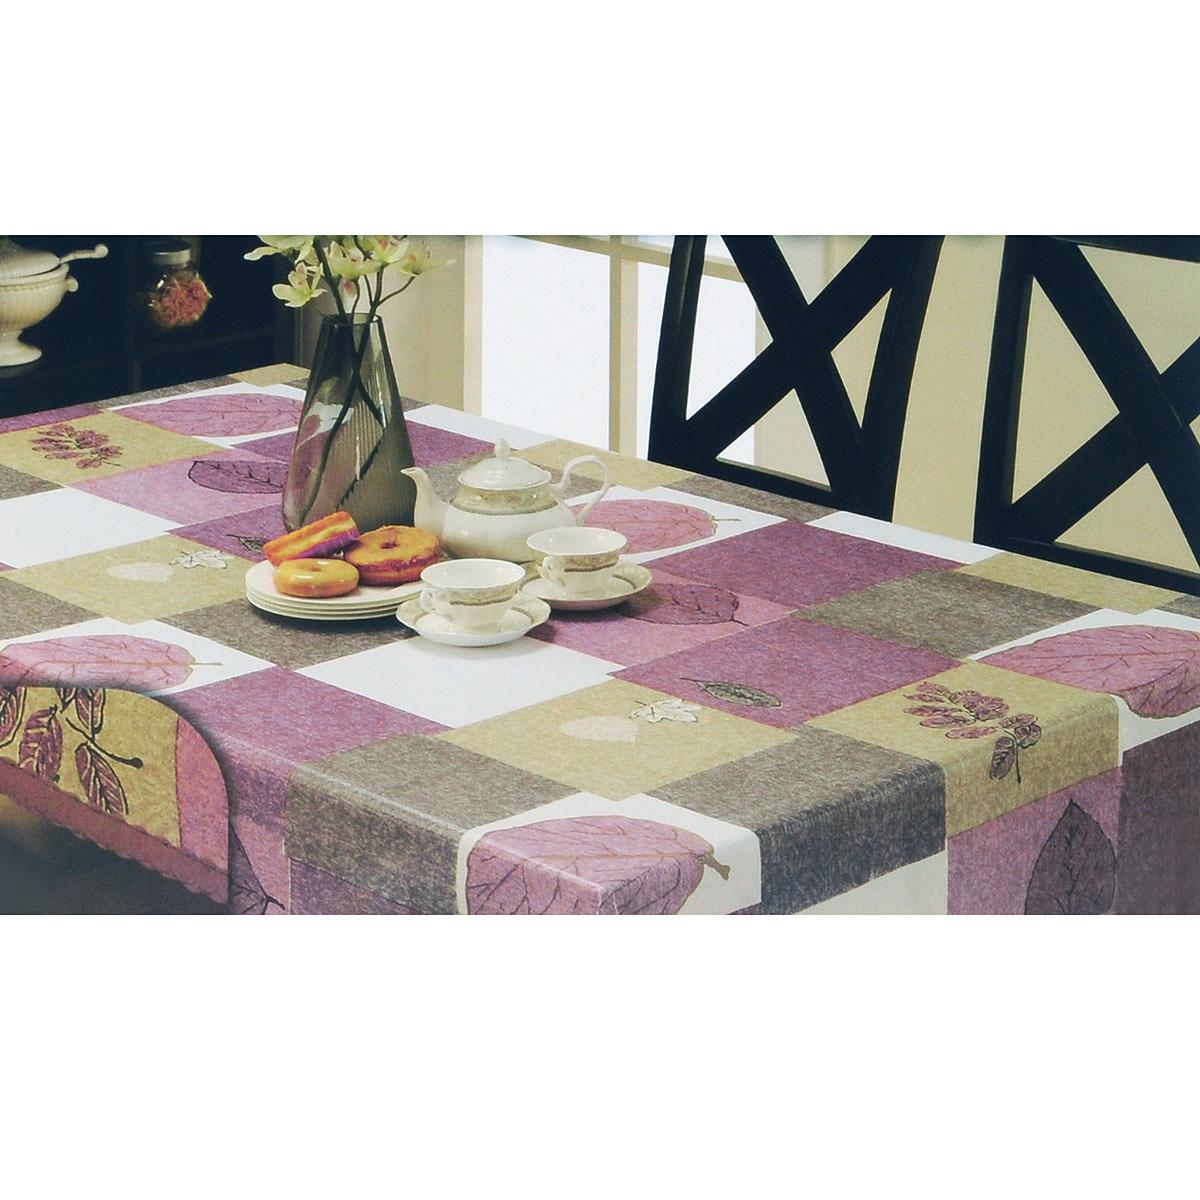 Скатерть White Fox Лист, прямоугольная, цвет: сиреневый, серый, 152 x 228 смWКTC72-265Прямоугольная скатерть White Fox Лист, выполненная из ПВХ с основой из флиса, предназначена для защиты стола от царапин, пятен и крошек. Край скатерти обработан строчкой. Скатерть оформлена изображением листочков, а рифлёная поверхность формирует приятные тактильные ощущения, при этом частички пищи удаляются с легкостью и поверхность остается всегда чистой. Скатерть термостойкая, выдерживает температуру до +70 °C. Скатерть White Fox проста в уходе - её можно протирать любыми моющими средствами при необходимости. Скатерть упакована в виниловый пакет с внутренним цветным вкладышем и подвесом в виде крючка.